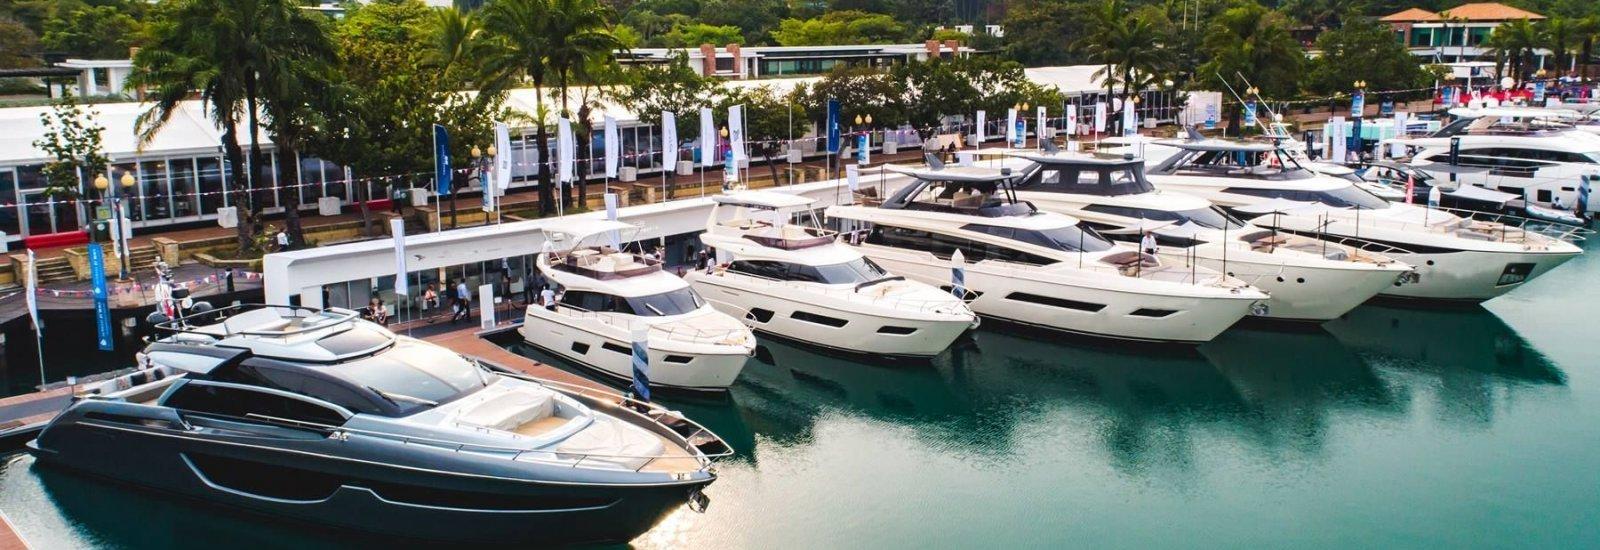 places-de-port-jma-yachting_crop5f7n8P6qQgL1U_crop5f7n8P6qQgL1U